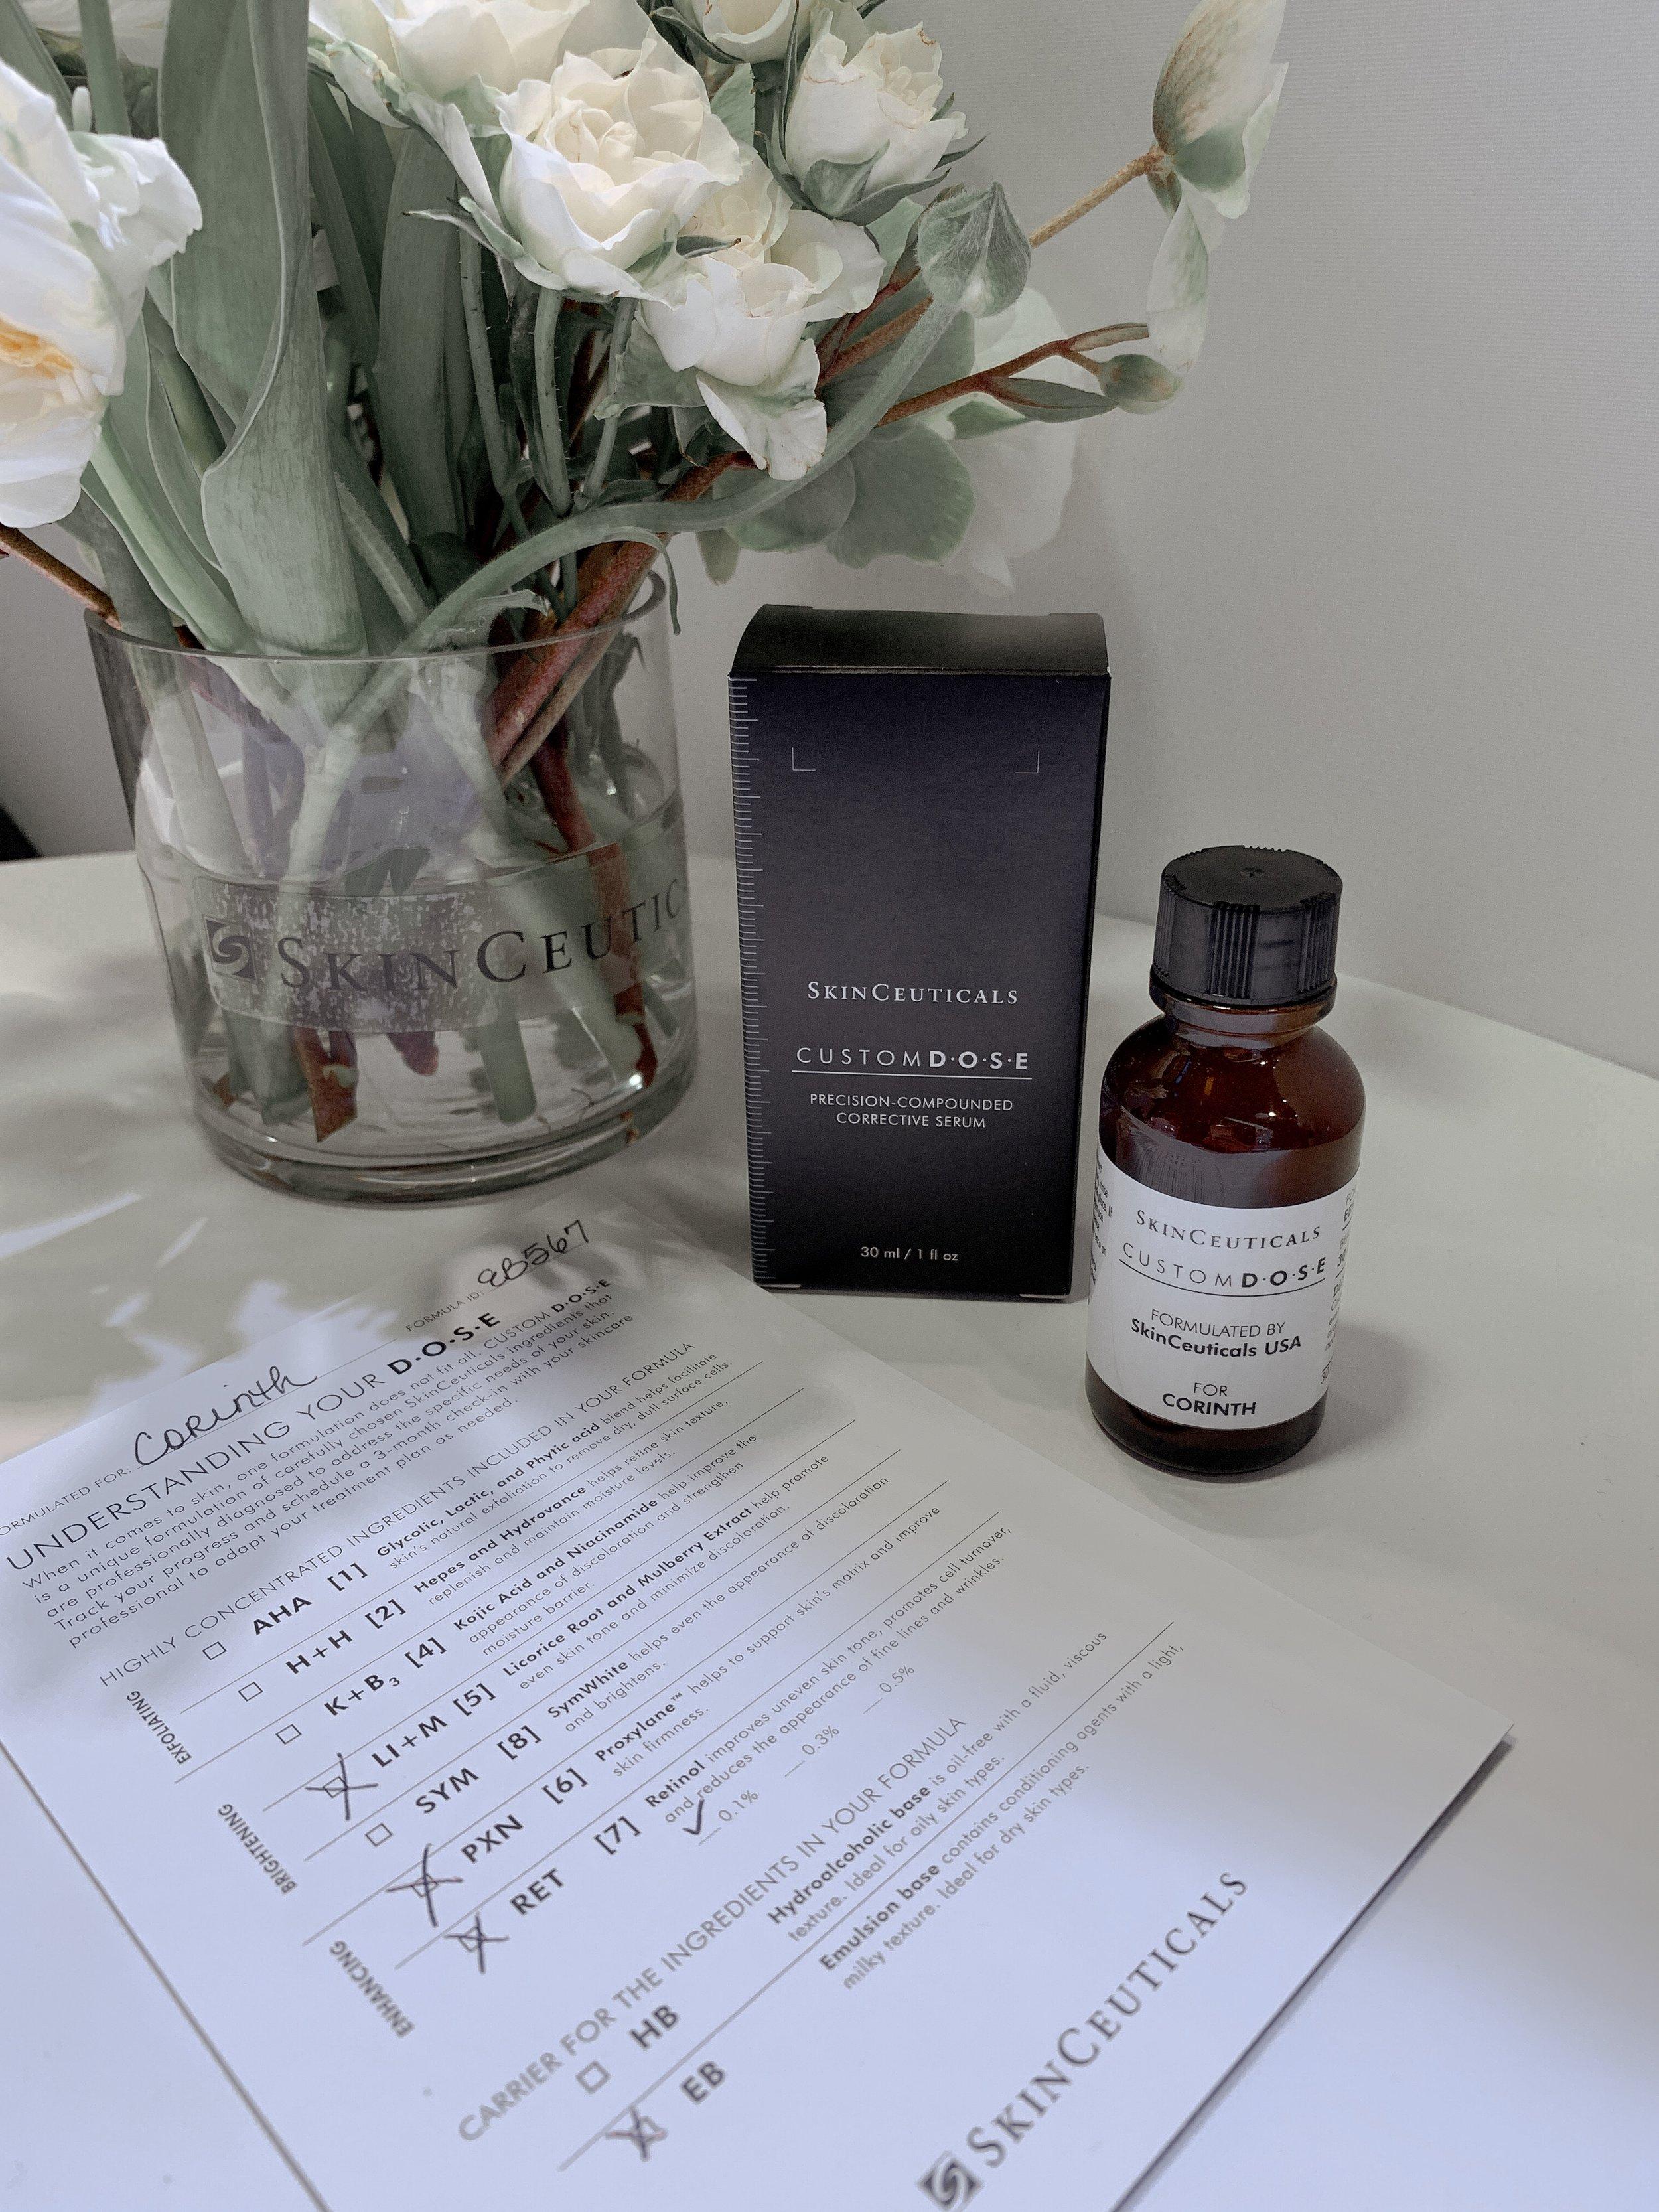 Skinceuticals Custom DOSE